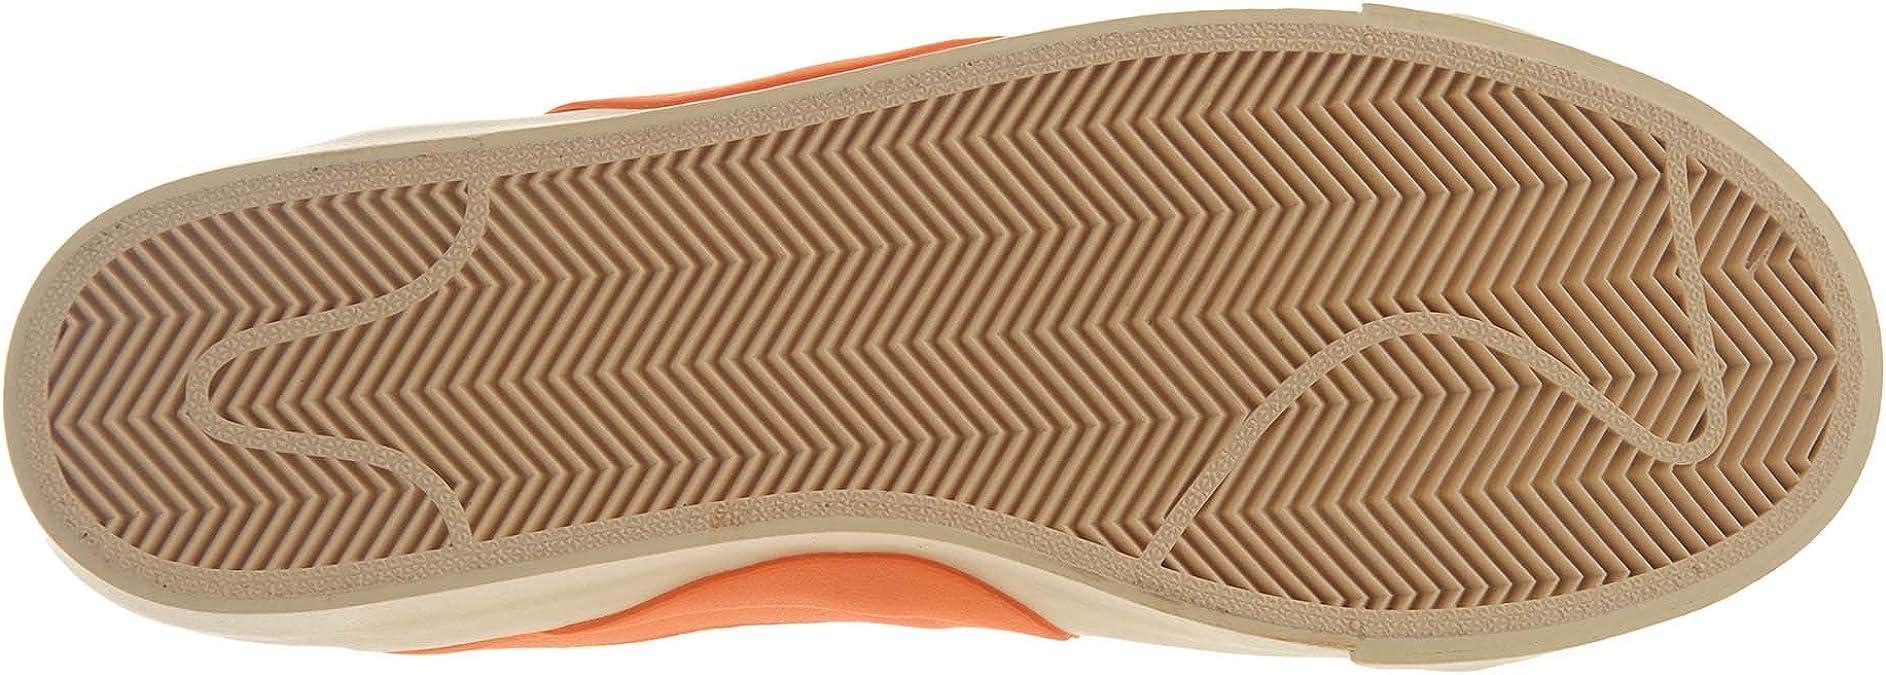 Pubblicità Pieno Asino  Amazon.com | Nike Blazer Mid (Off-White) Hallow's Eve | Shoes